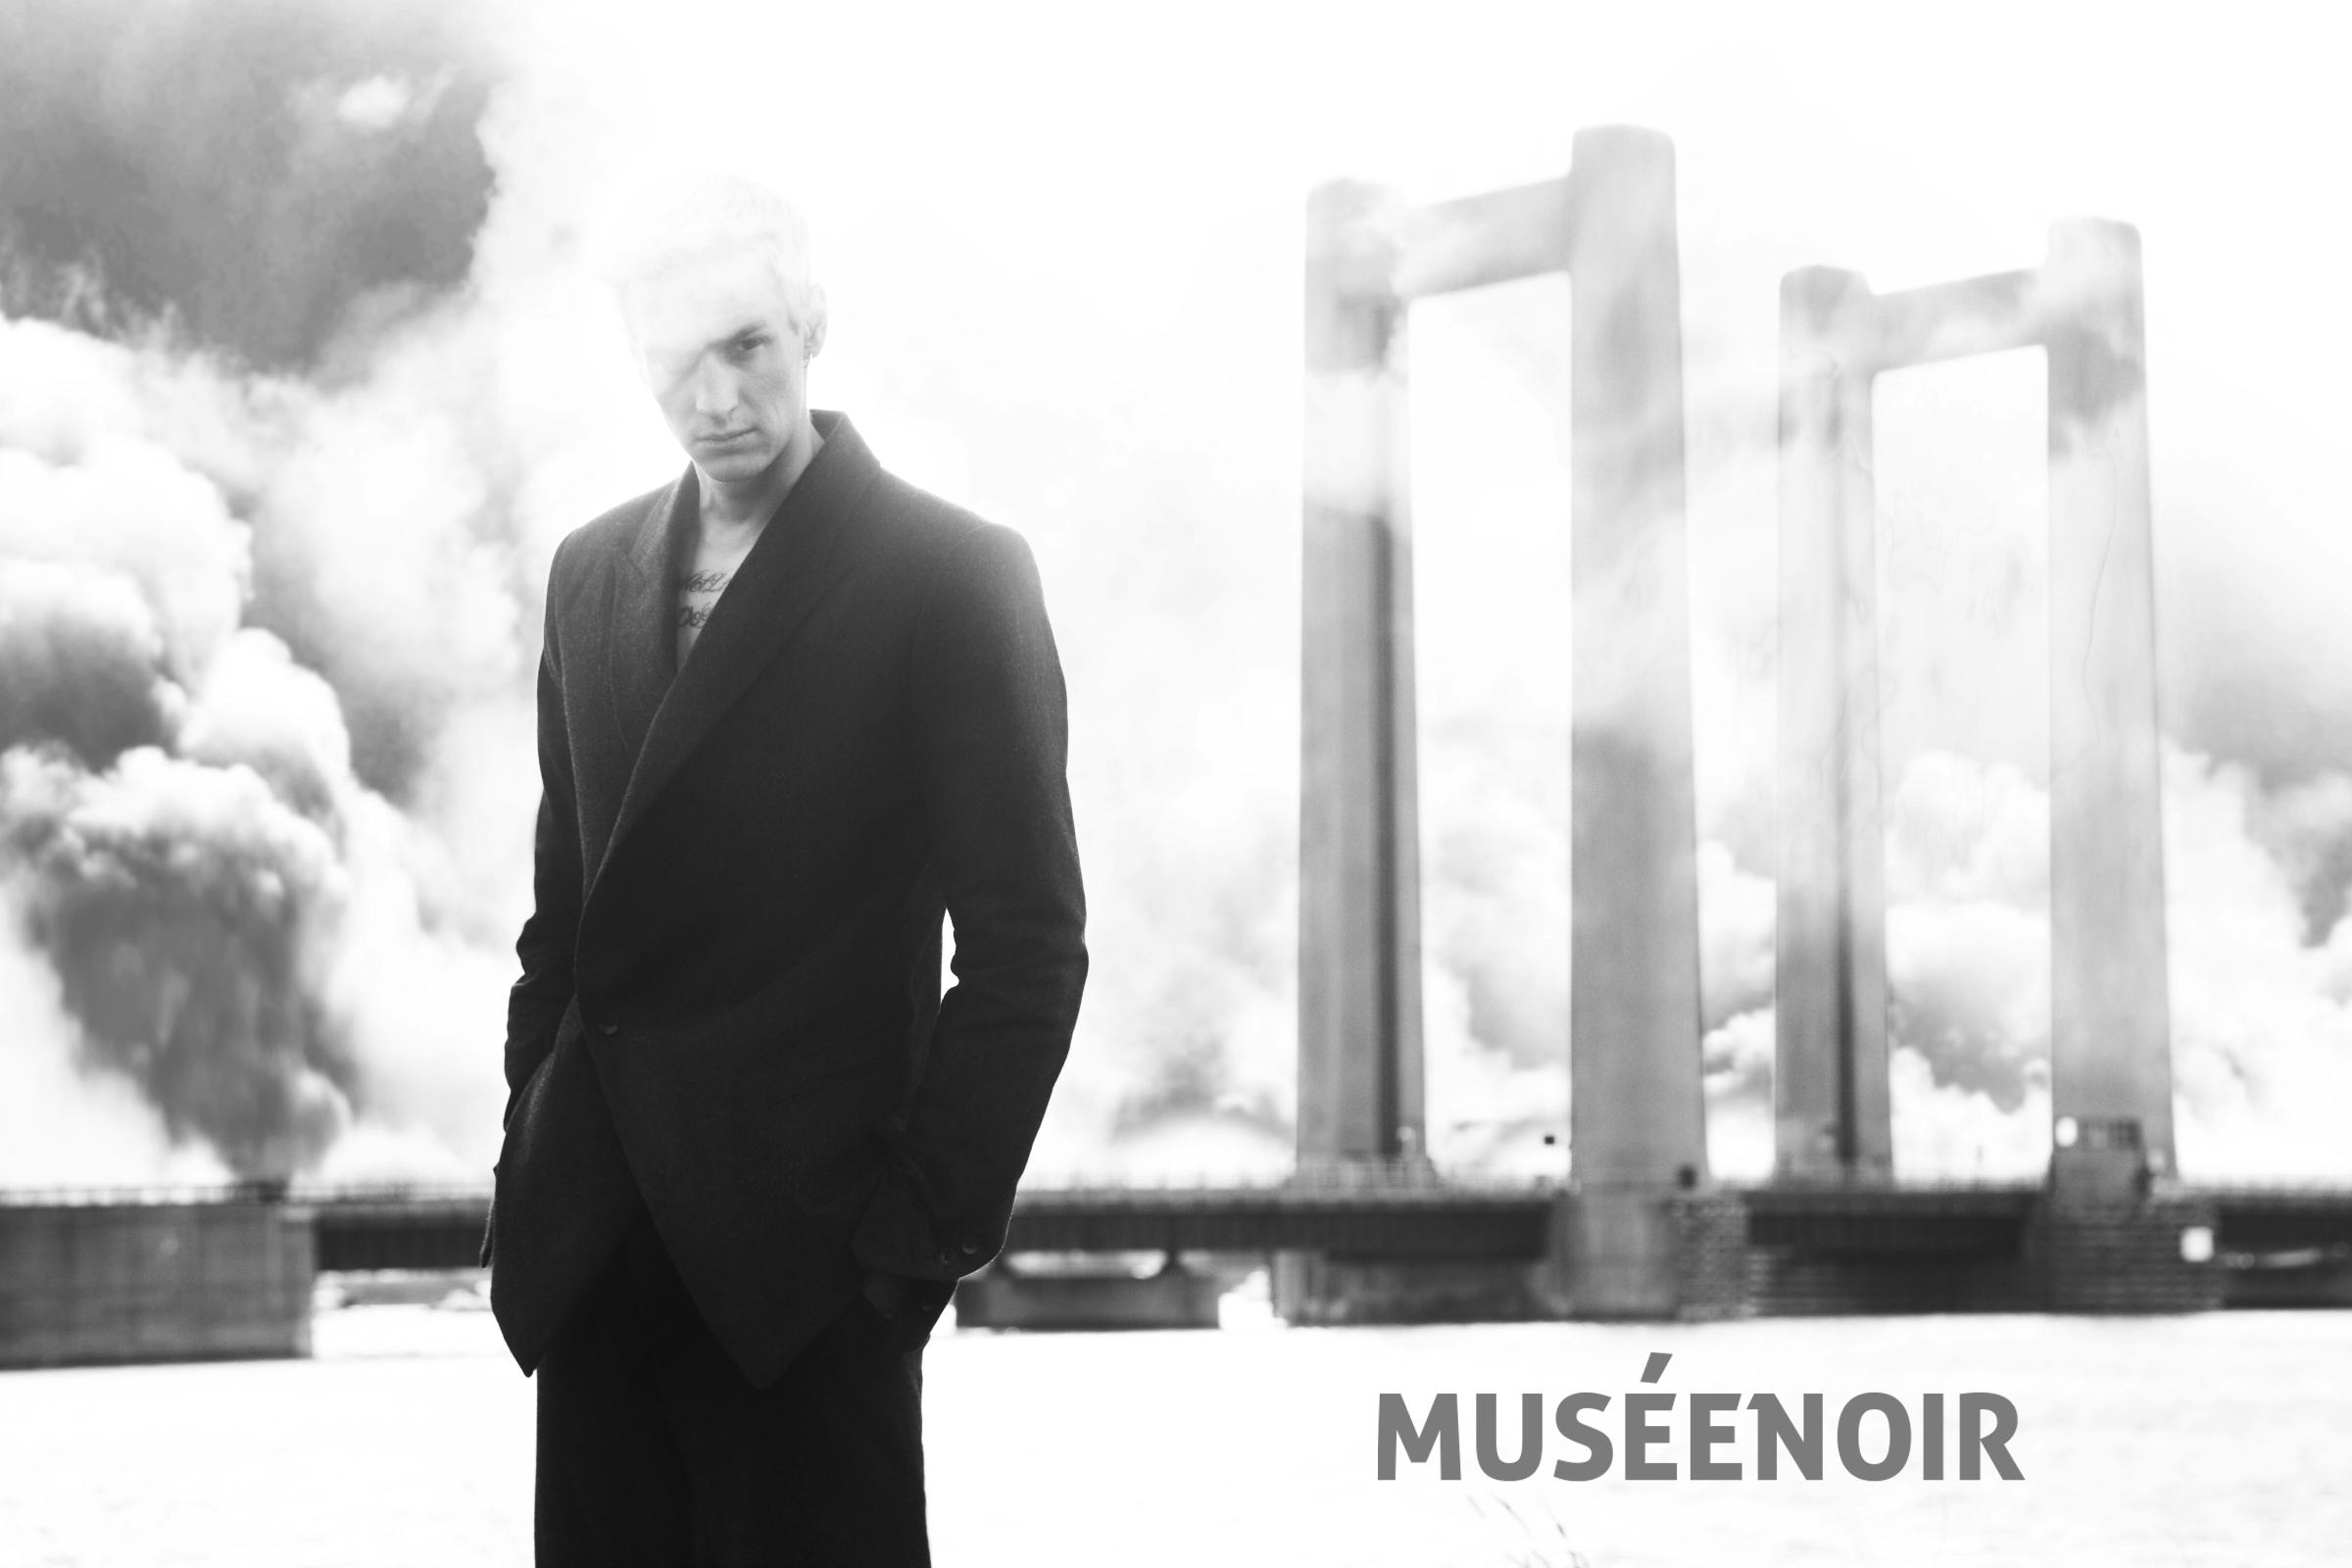 Museenoir